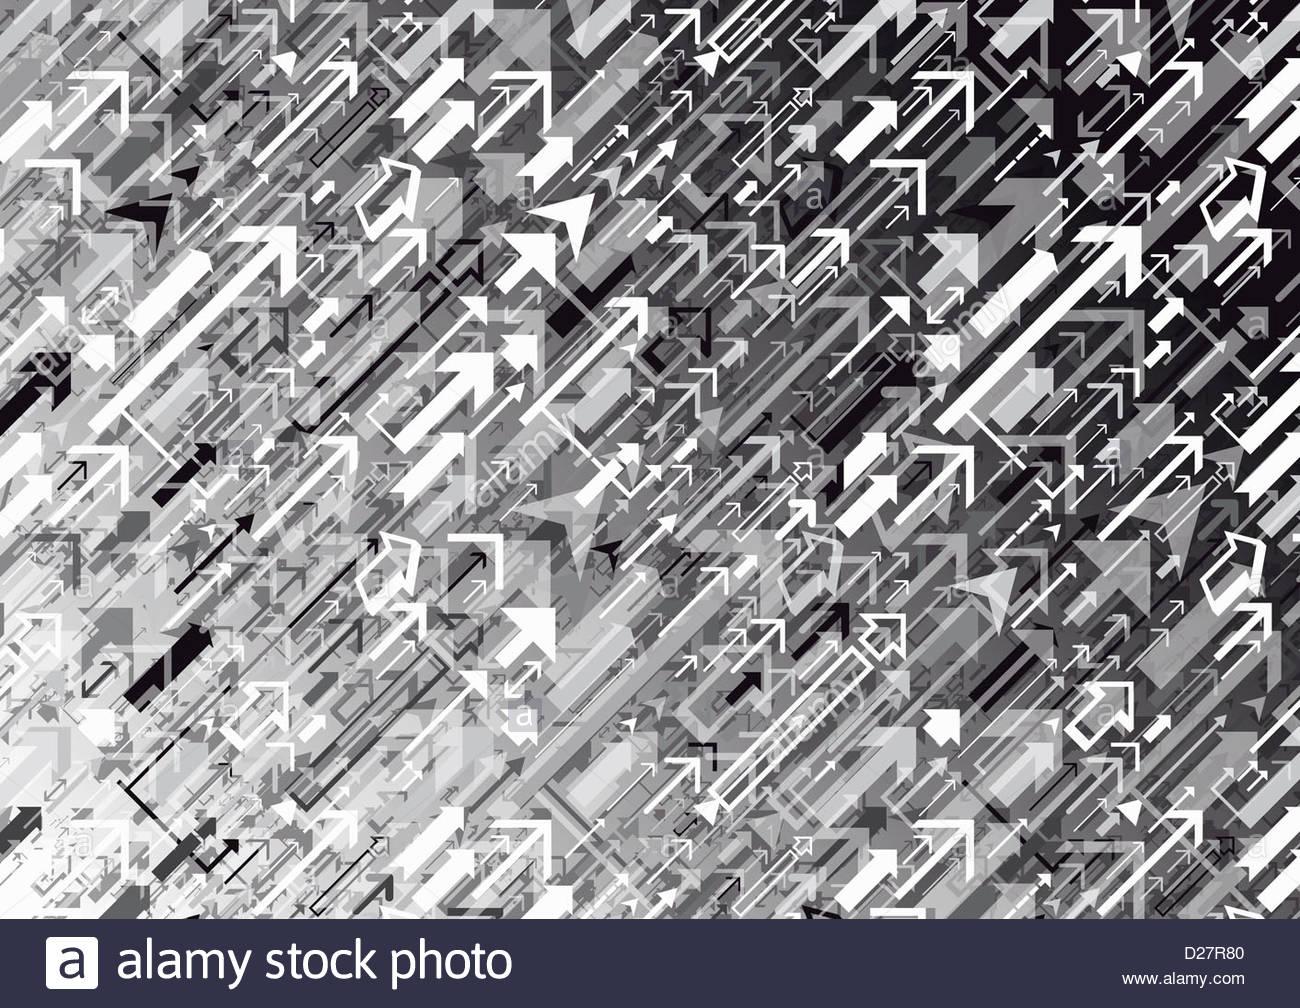 Schwarz / weiß-Zusammenfassung der Pfeile Stockbild